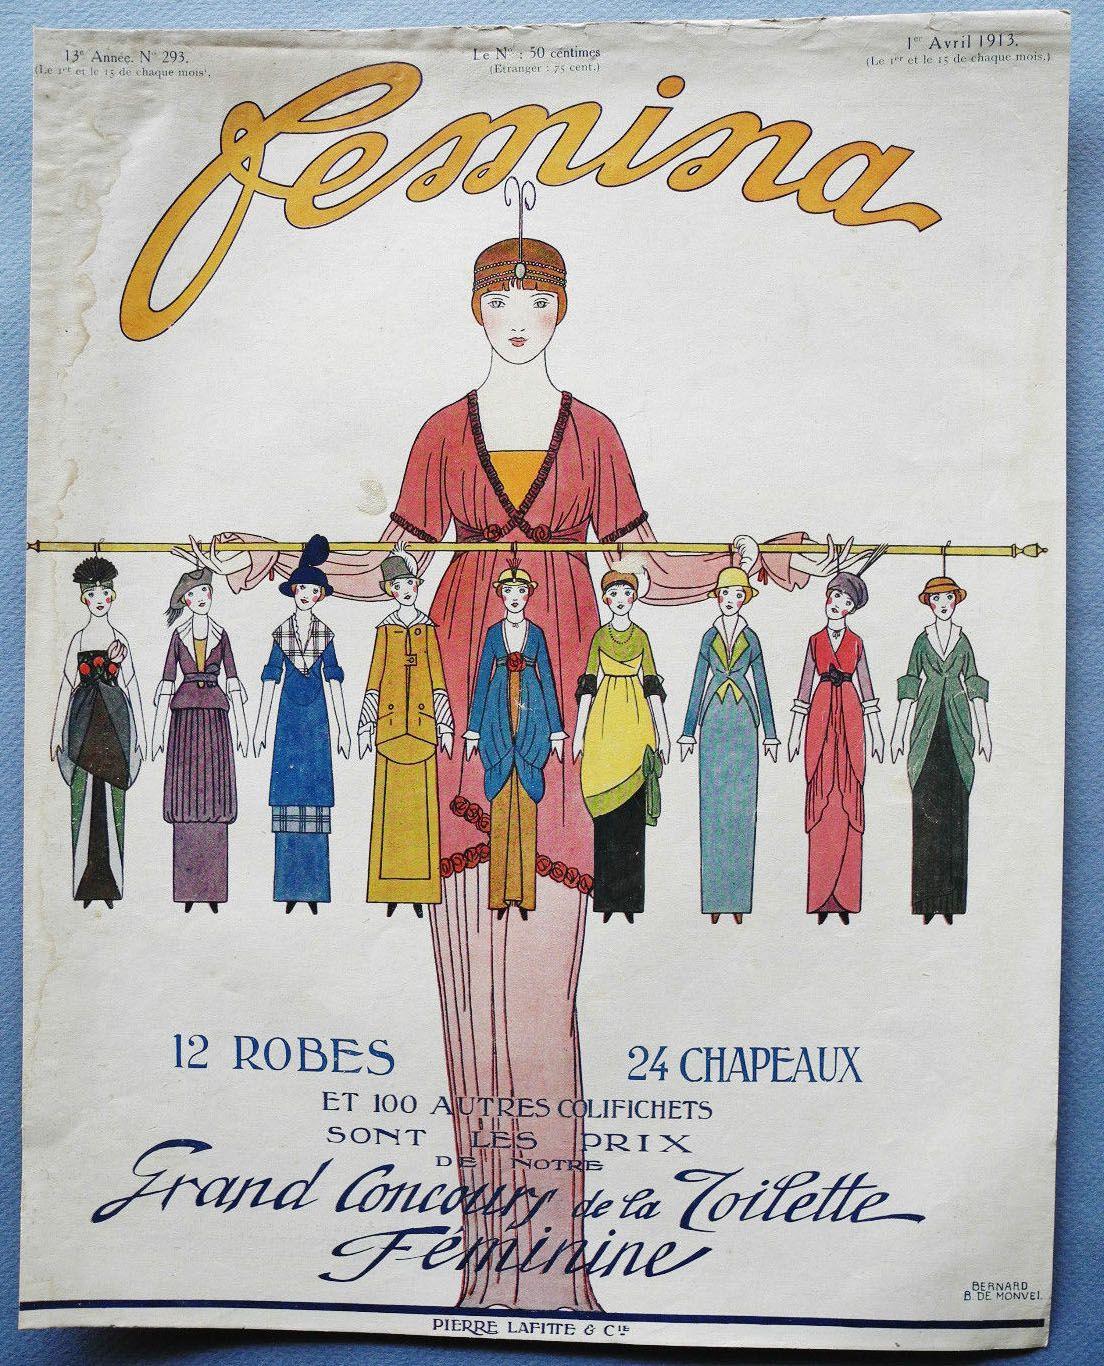 Femina magazine 1913 - cover design by Bernard B. de Monvel